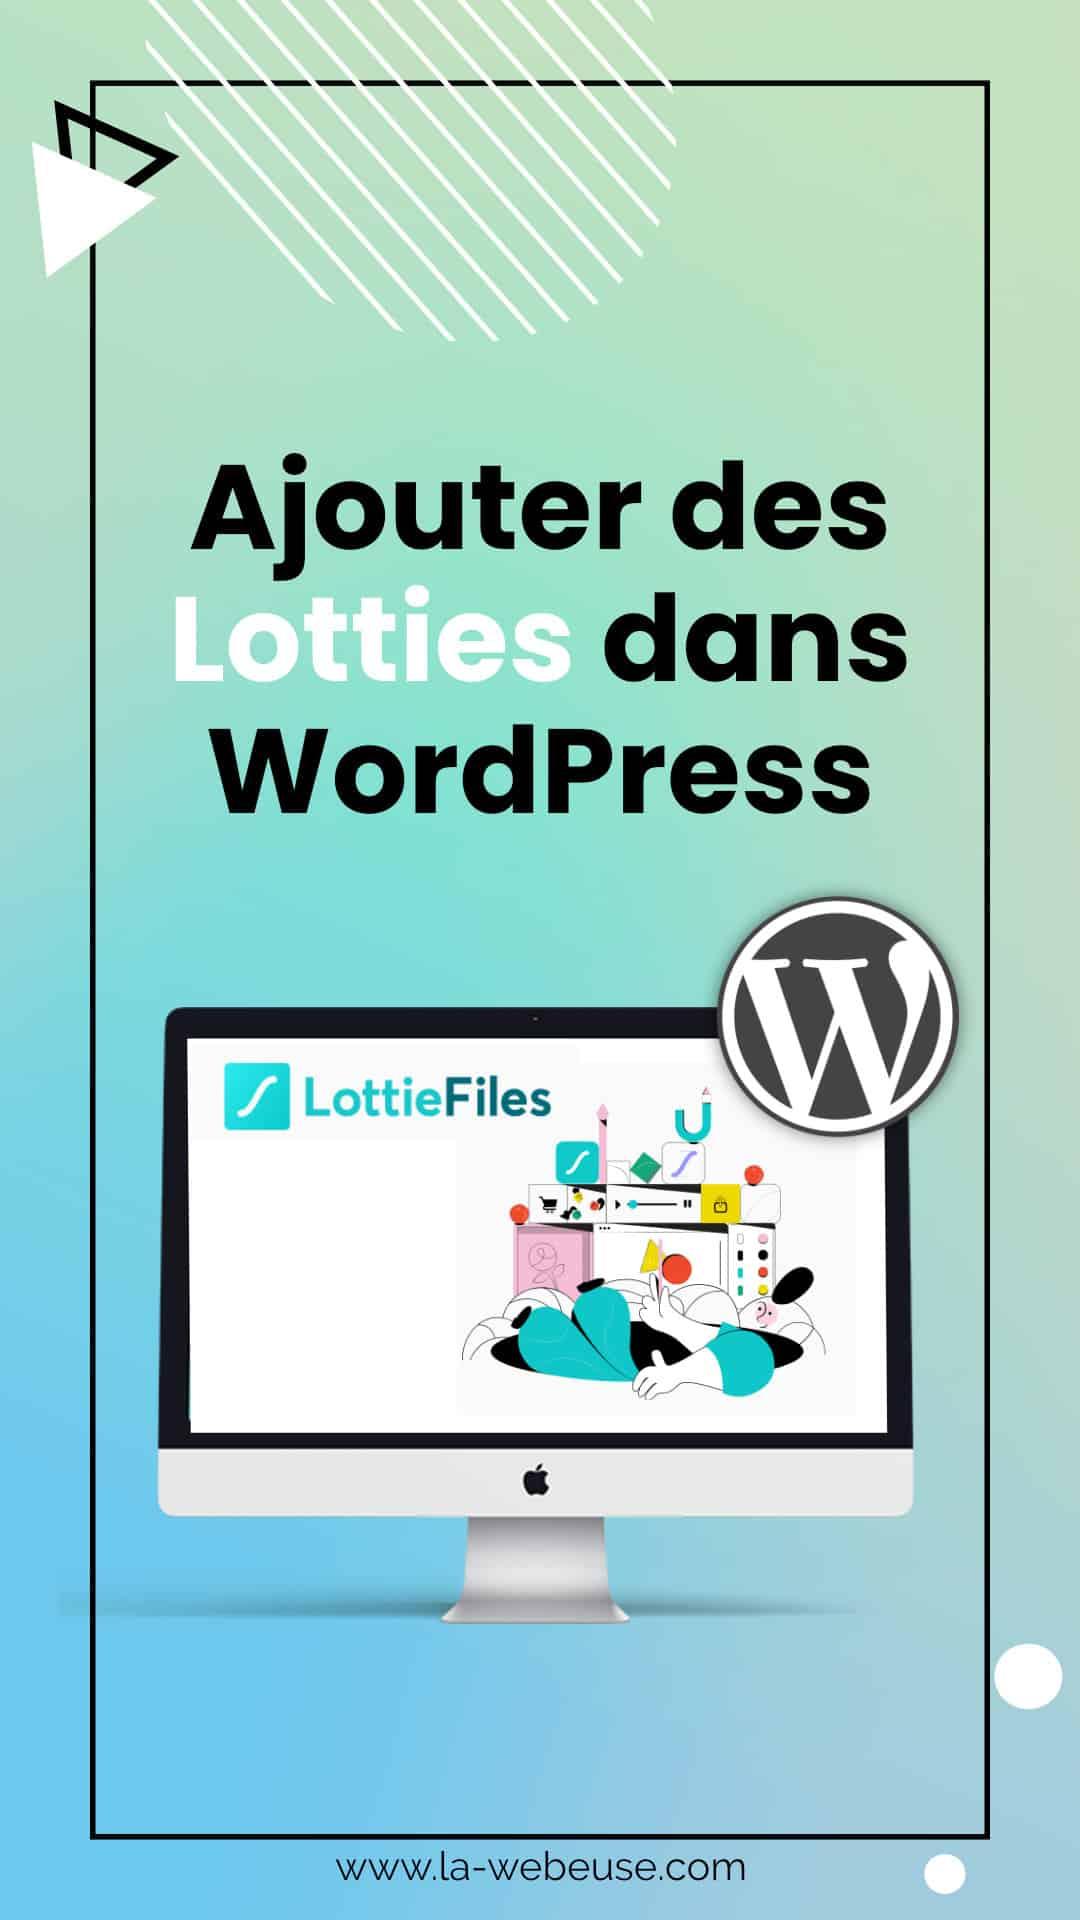 Ajouter des lotties dans WordPress